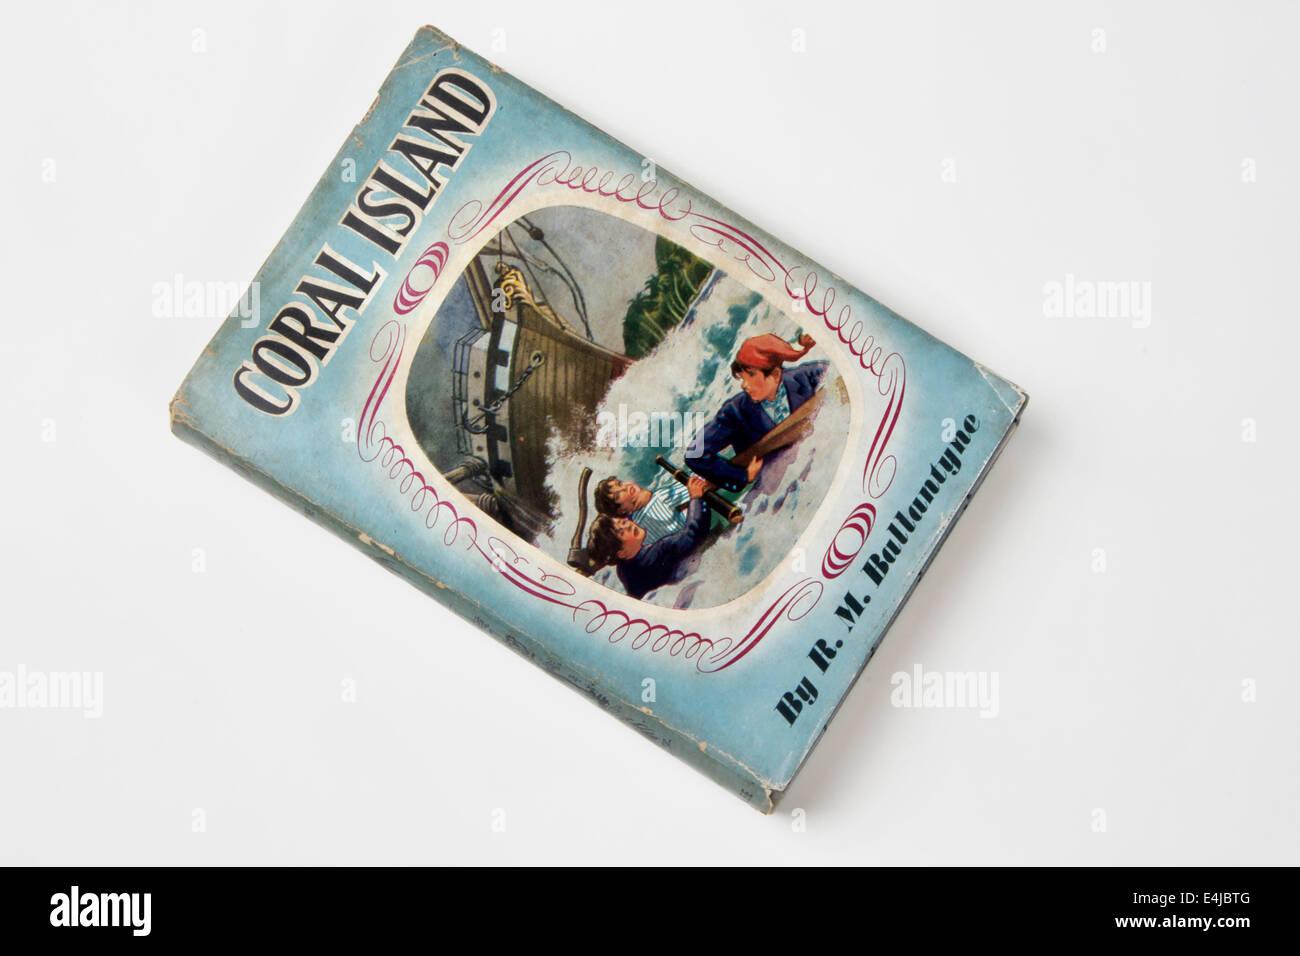 1950 copia del libro a la Isla de Coral, por R M Ballantyne Imagen De Stock